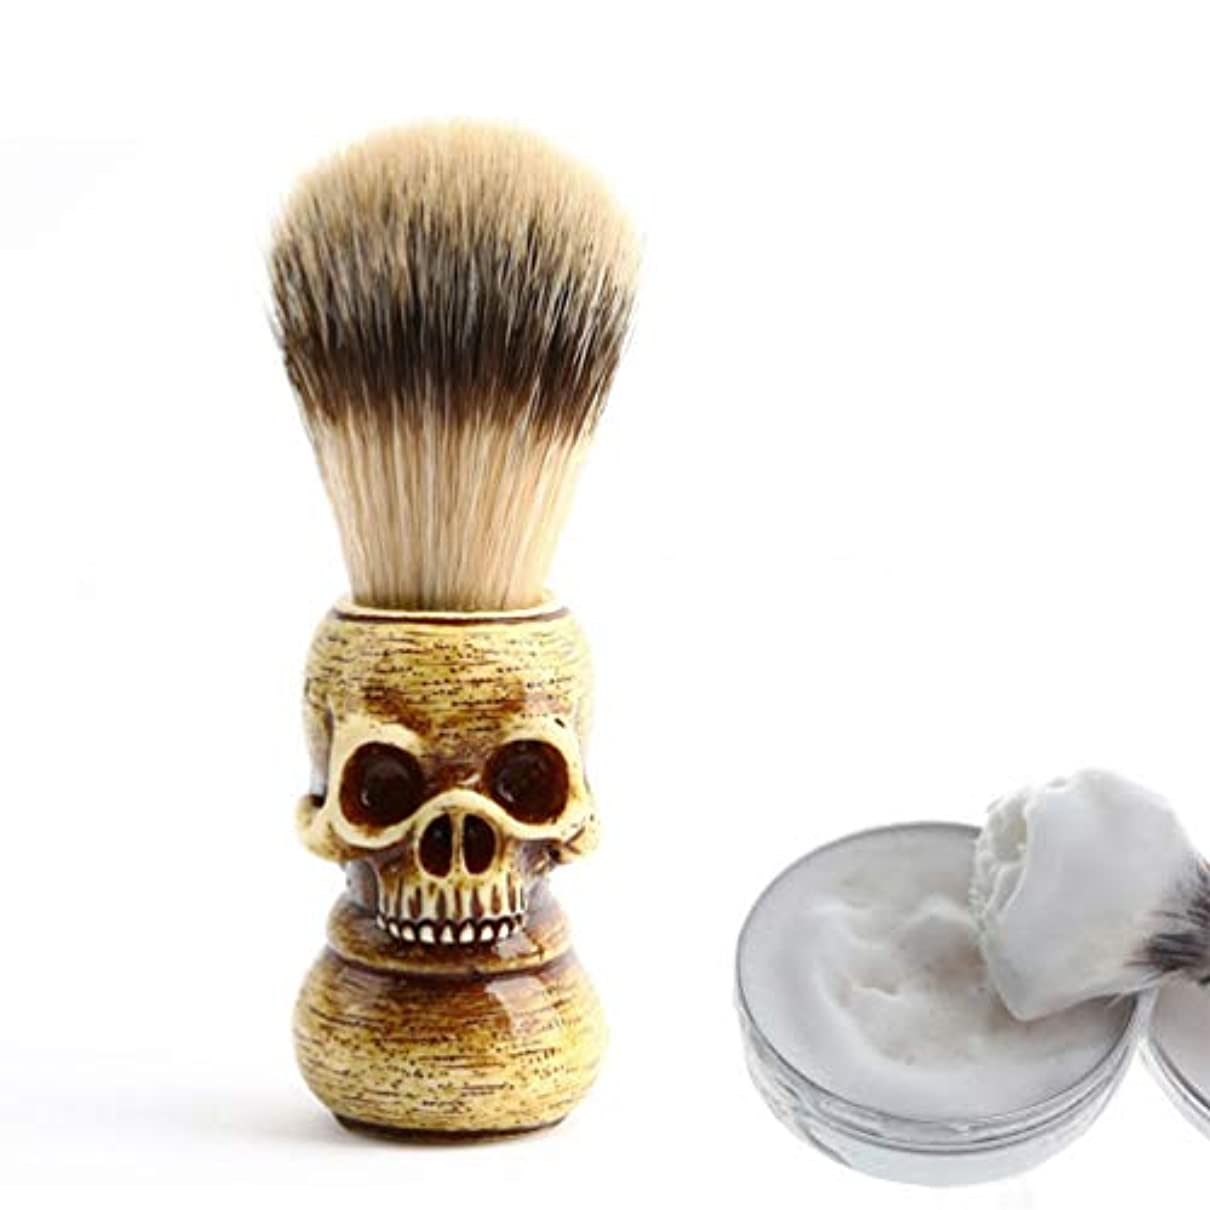 君主制閲覧するリーフレットVosarea 1ピーススカルヘッドひげブラシポータブルメンズ軽量アナグマヘアブラシ口ひげ毛剃りブラシグルーミングツール